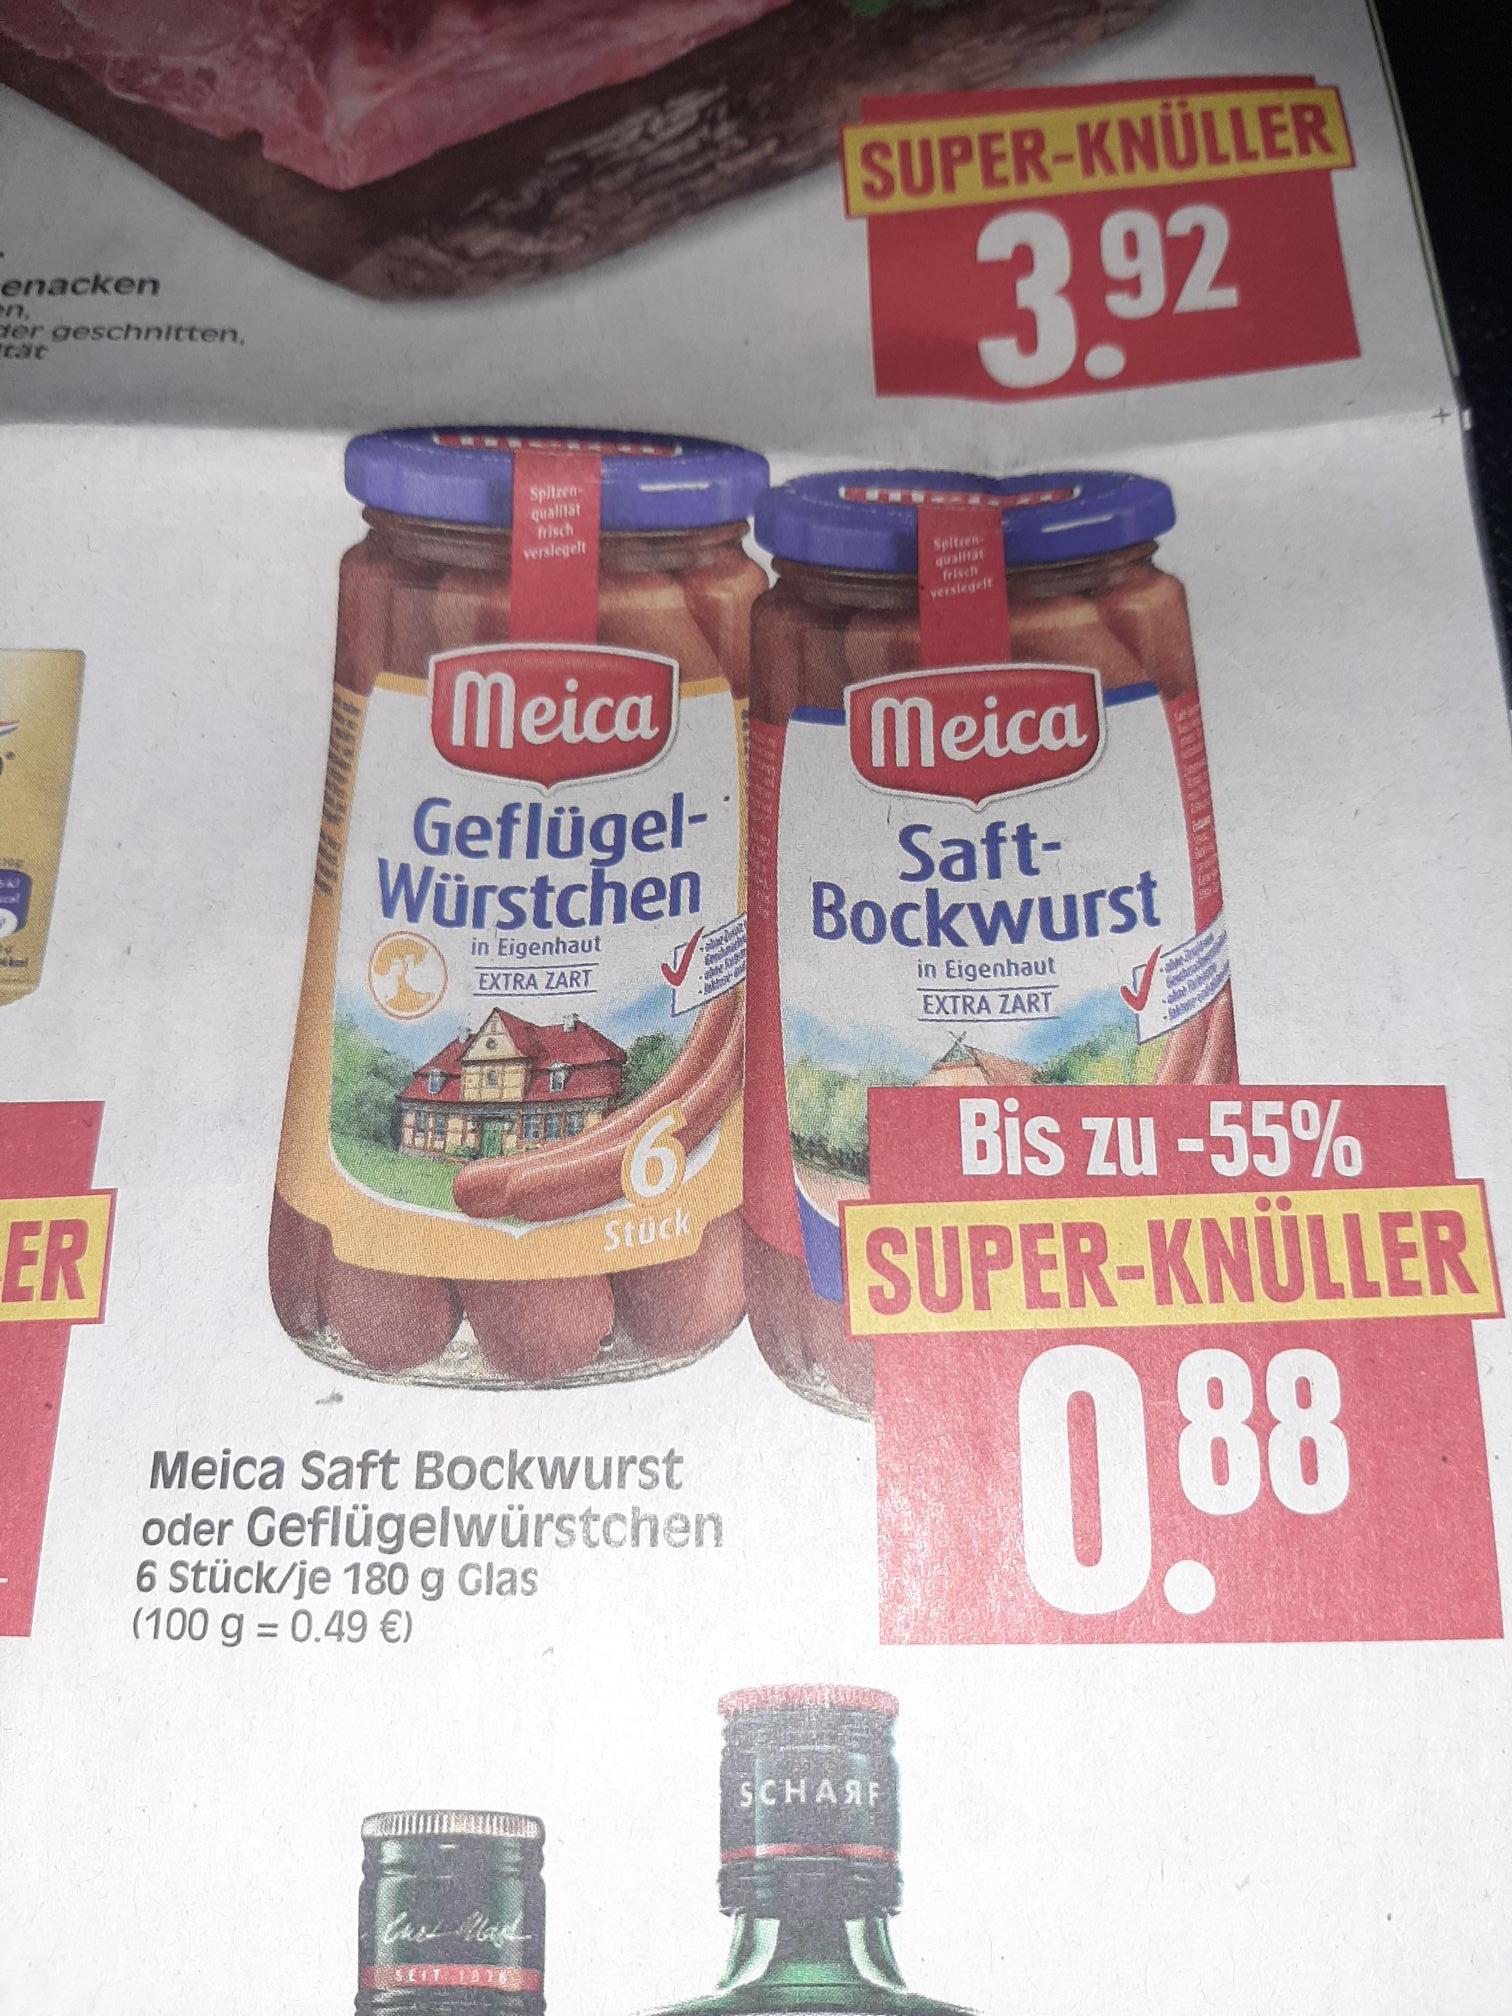 HERKULES MARKT: Meica Würstchen 180gramm nur 0.88€